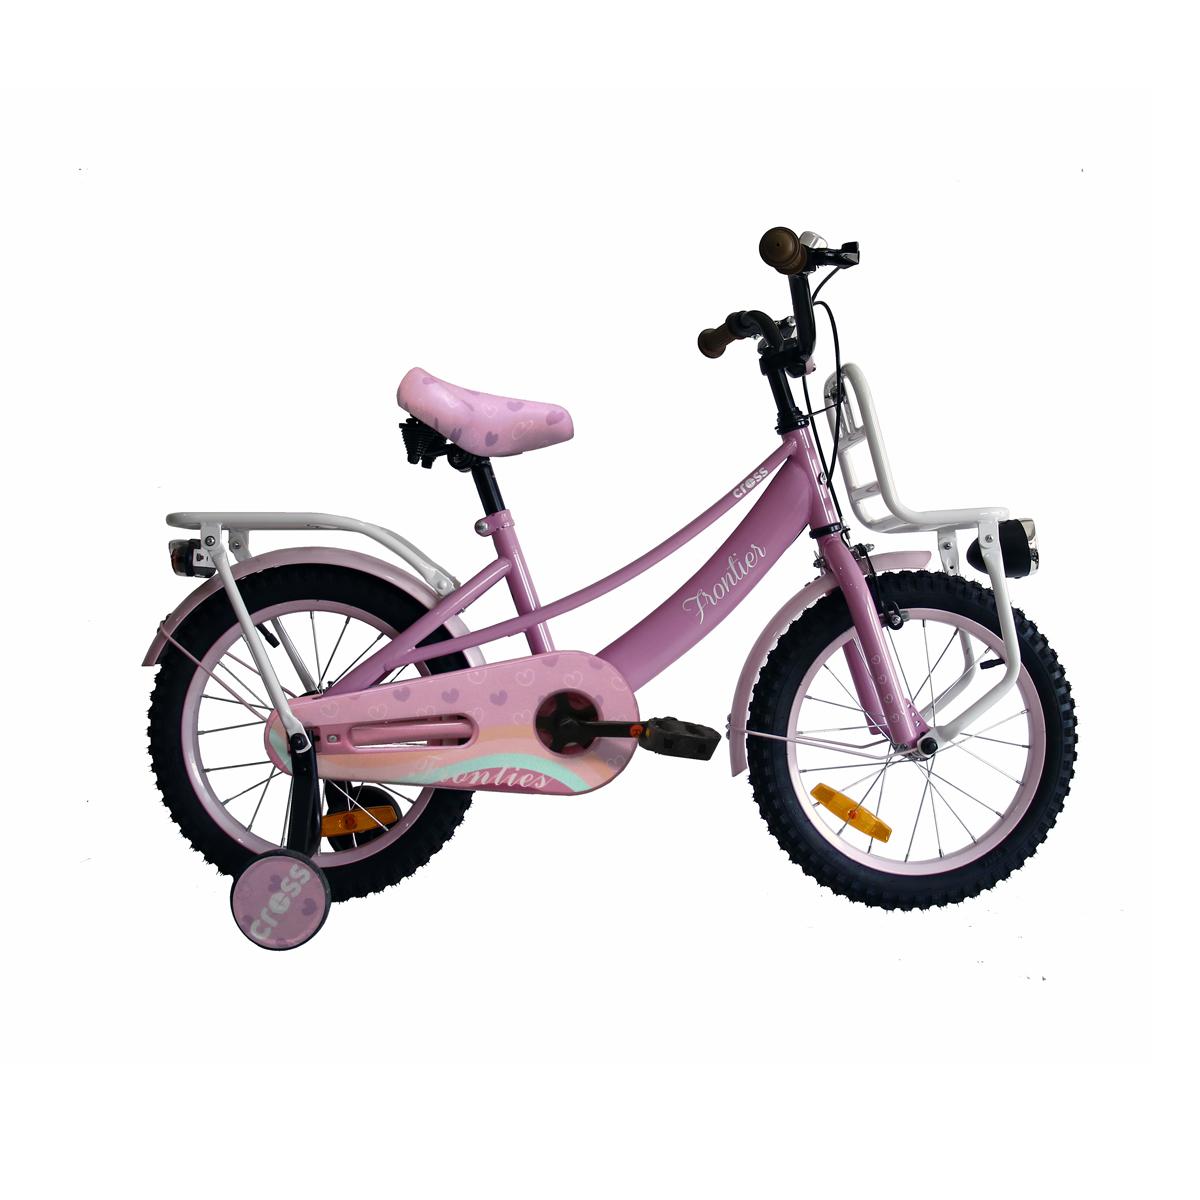 خرید                     دوچرخه کوهستان کراس مدل Fronties سایز 16